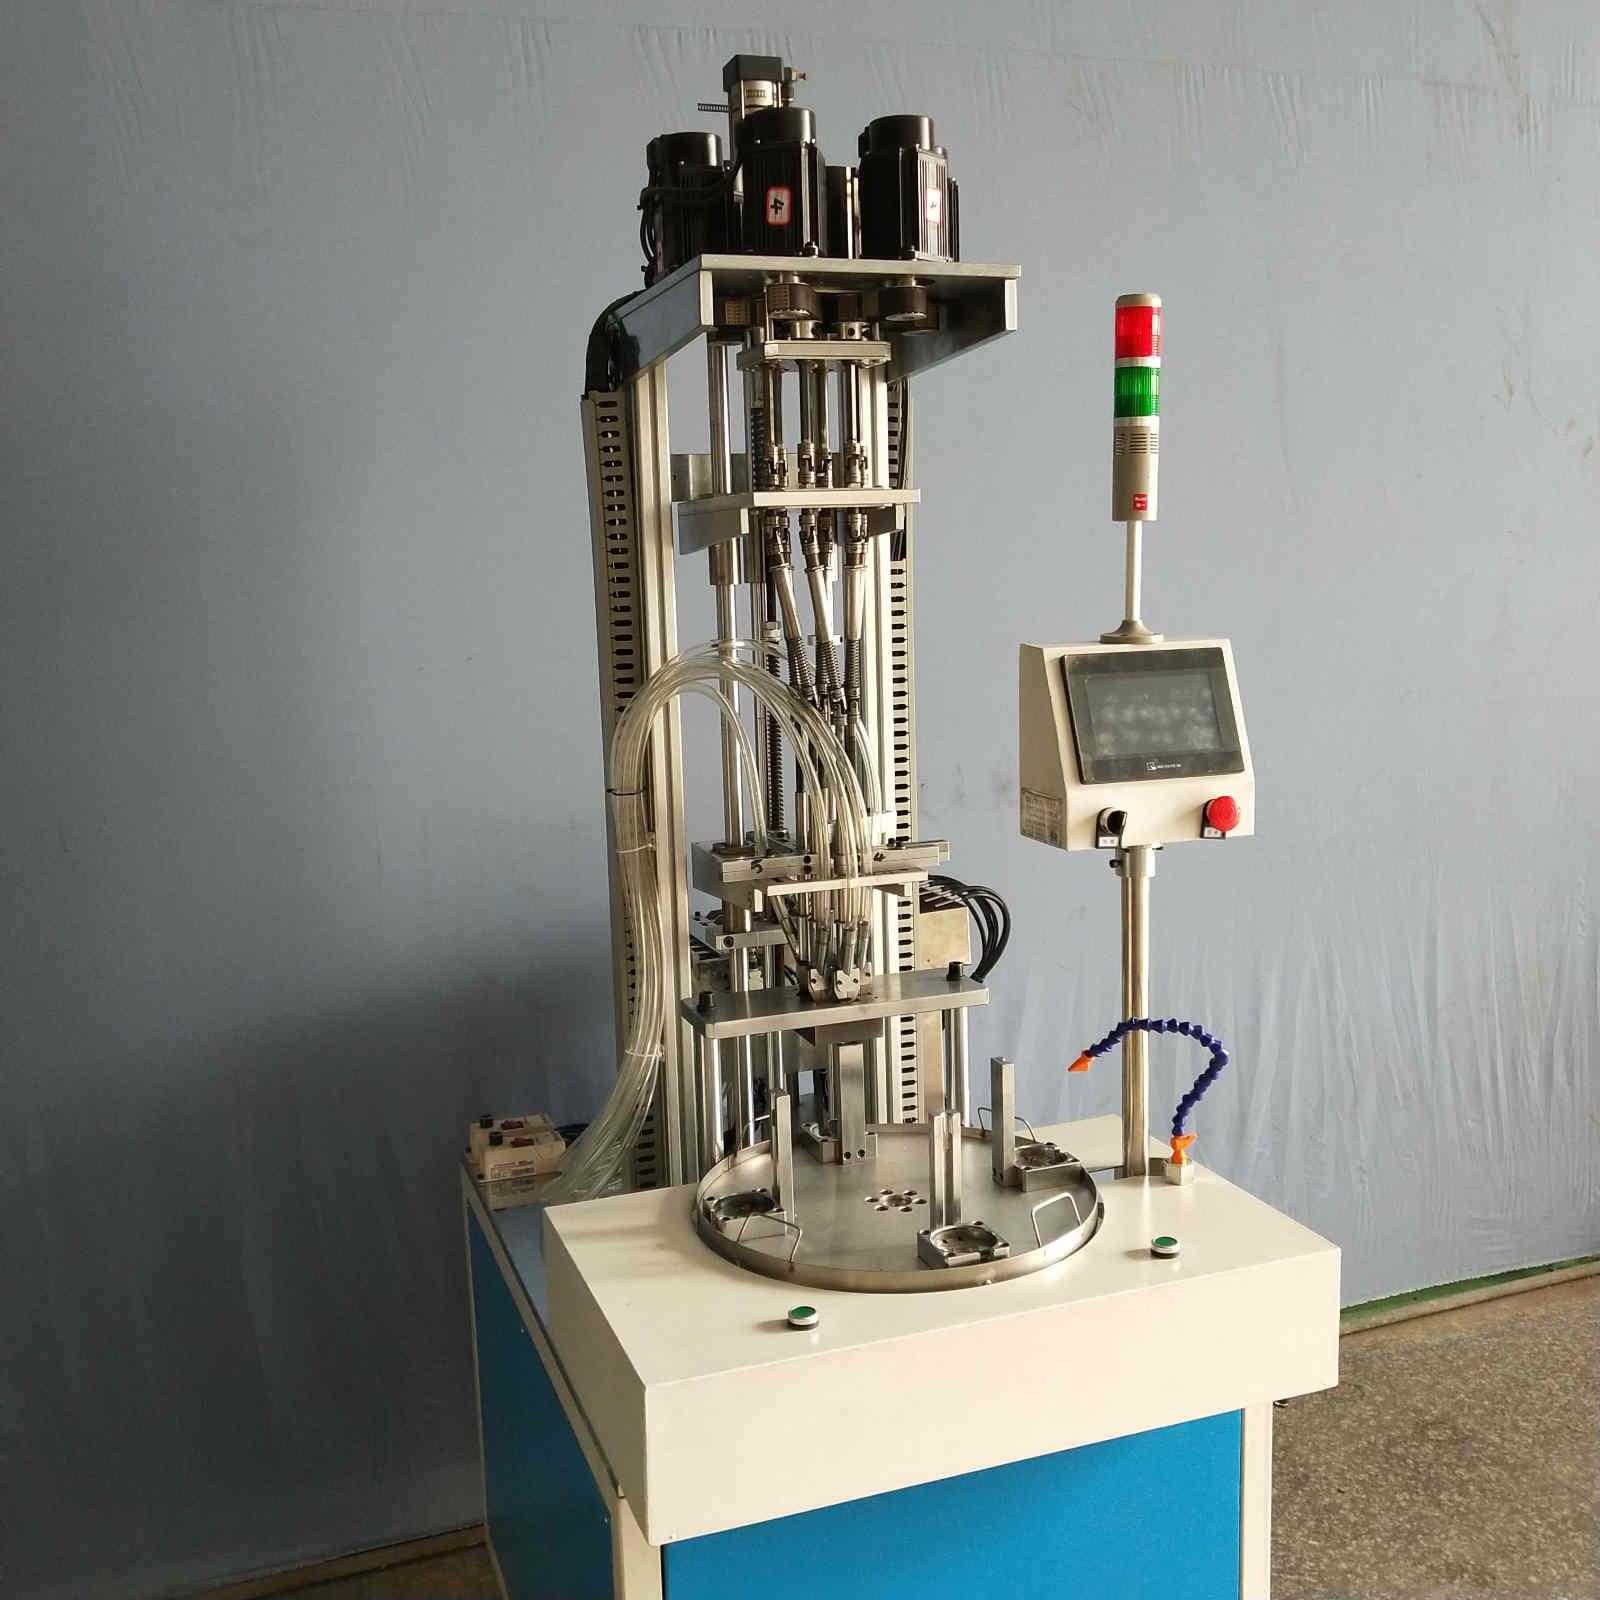 溫州自動打膠機加工 口碑好的螺絲機,華工自動化傾力推薦